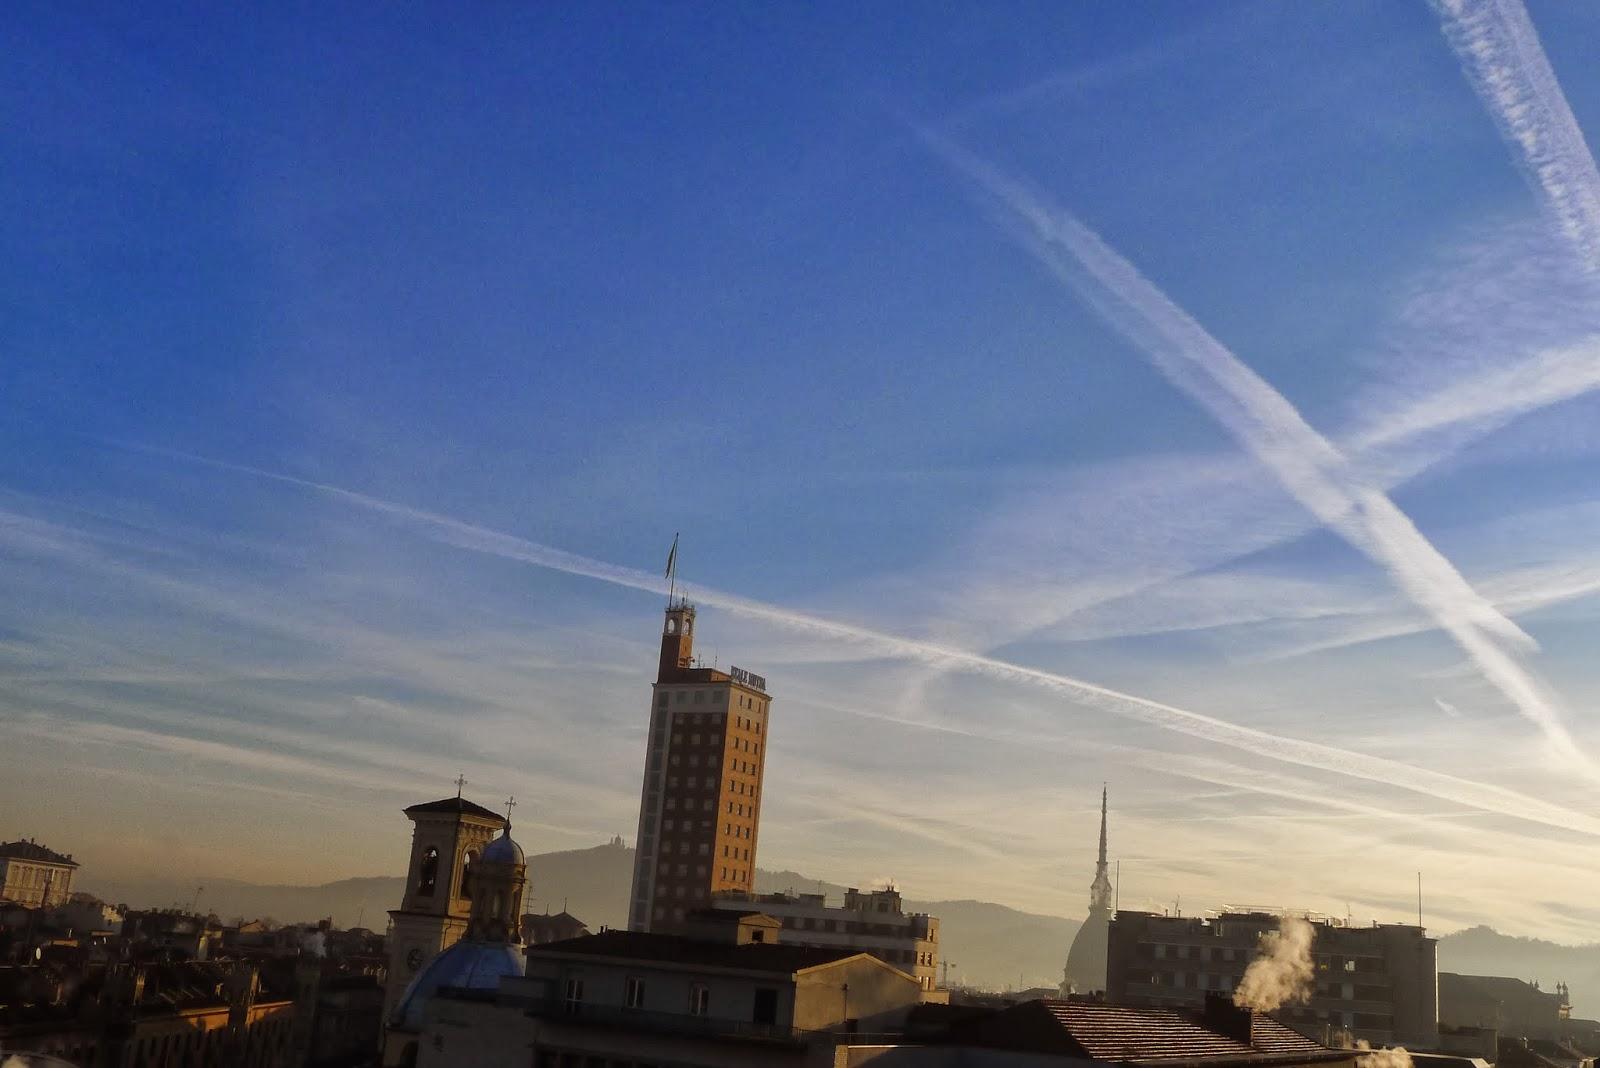 Torino Scie chimiche: quando il cielo fa paura